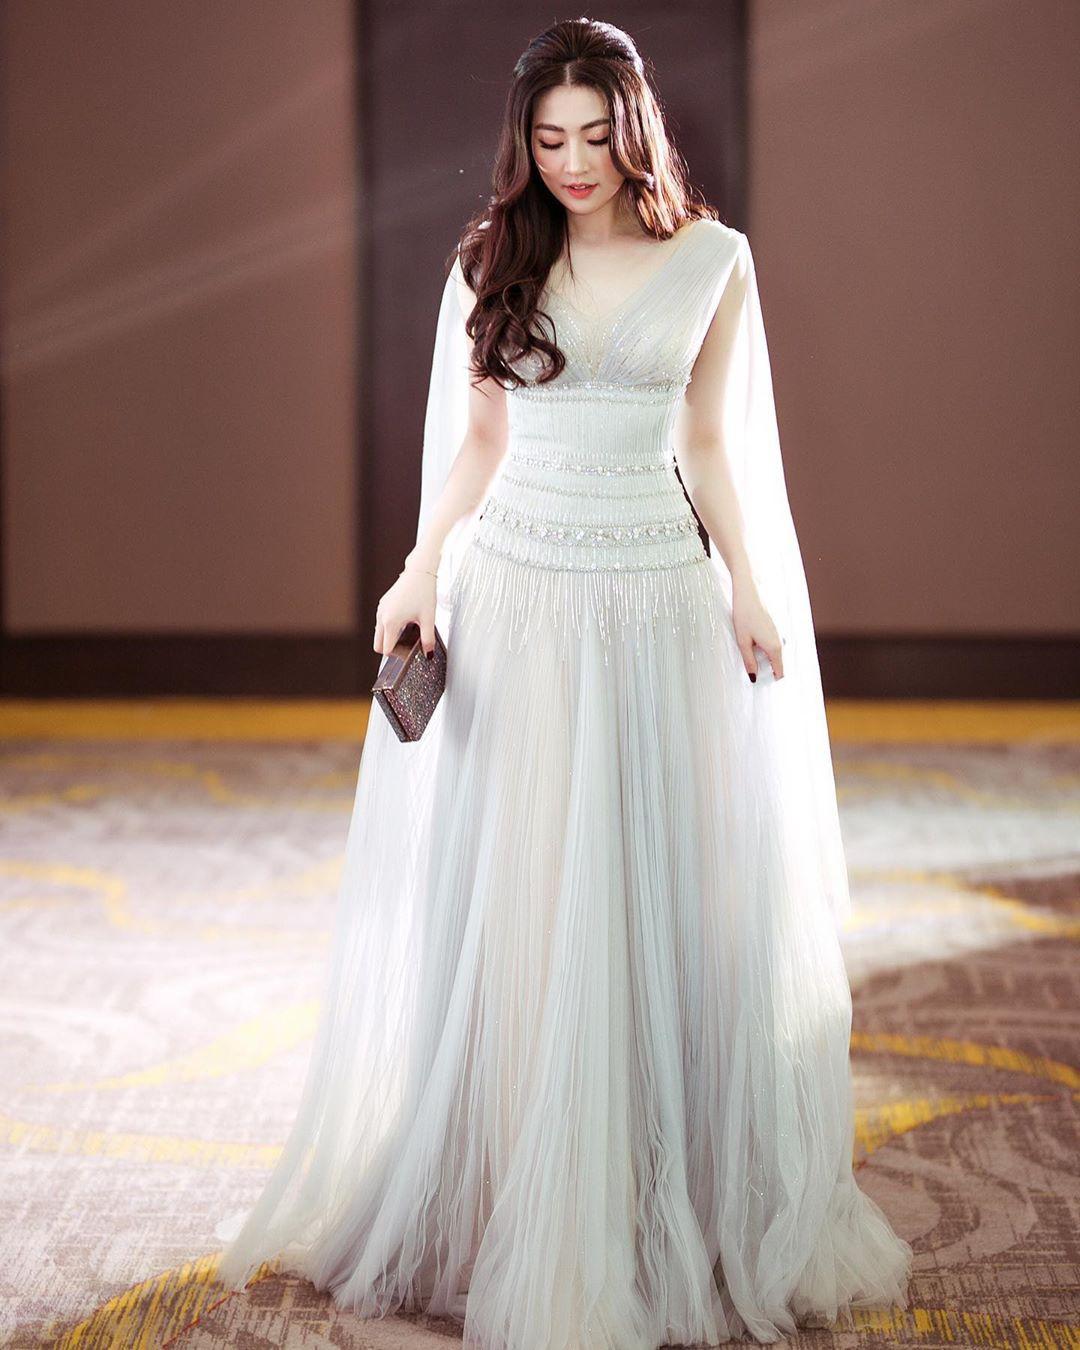 Đã đẹp còn khiêm tốn: Tú Anh diện váy quá lộng lẫy, nhưng cô lại nhận mình là phiên bản lỗi của nhân vật ai cũng biết - Ảnh 1.